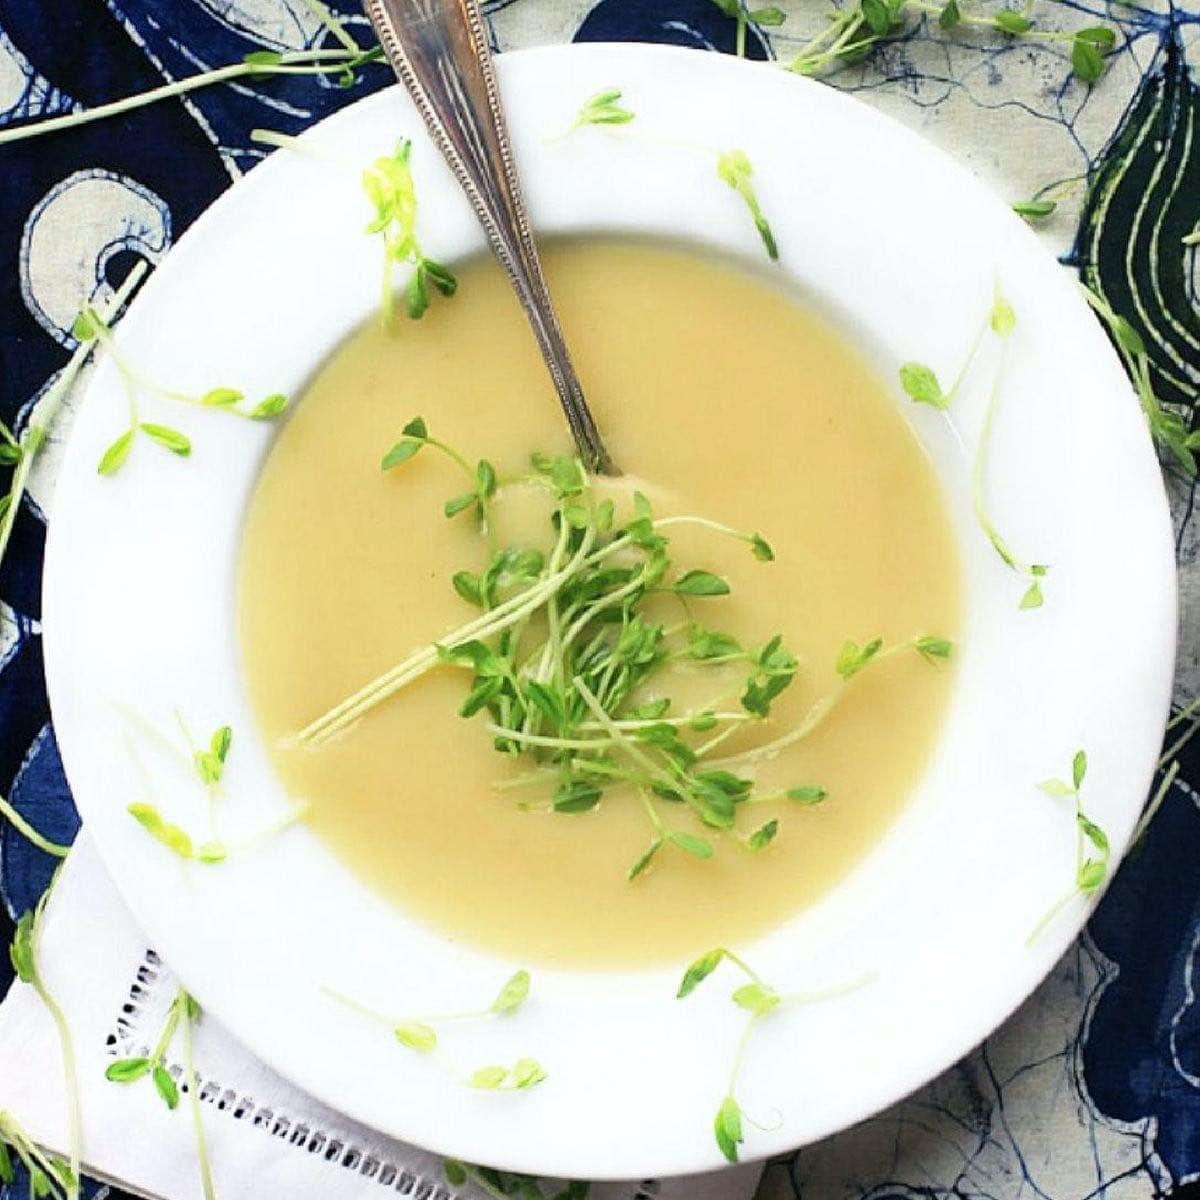 White bowl of potato leek soup on a blue background.